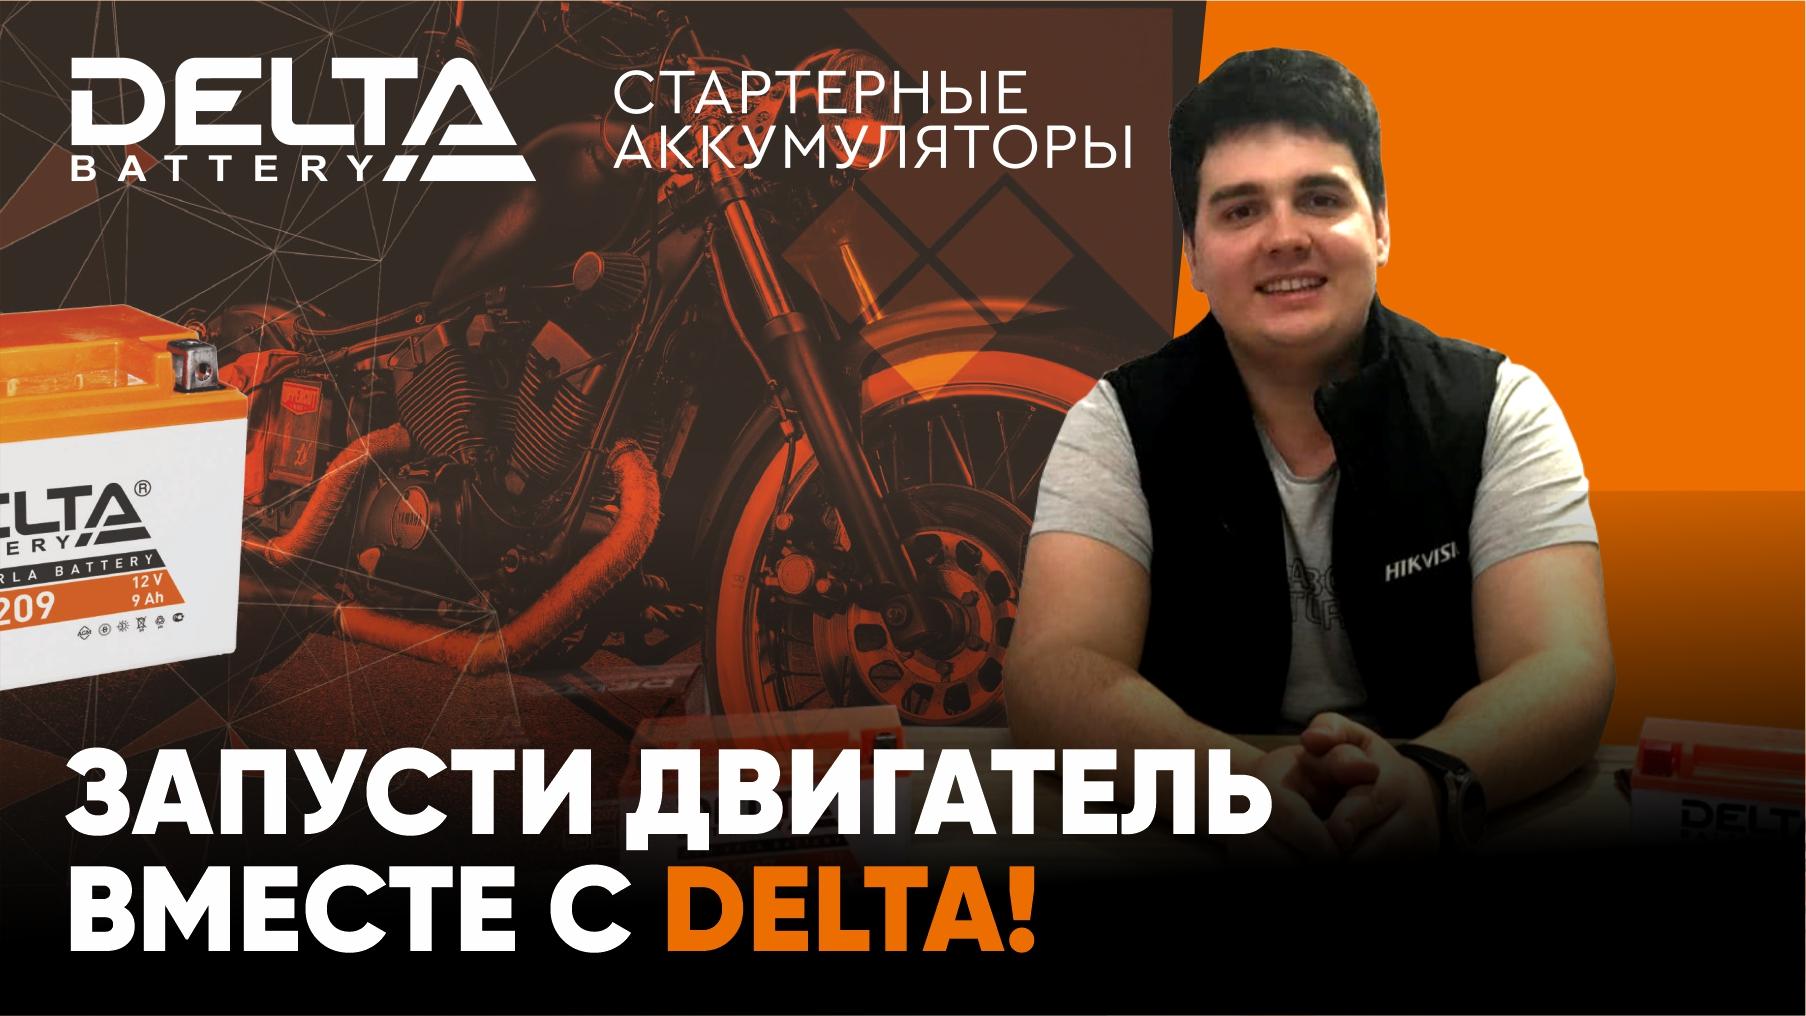 Запусти двигатель вместе с Delta!